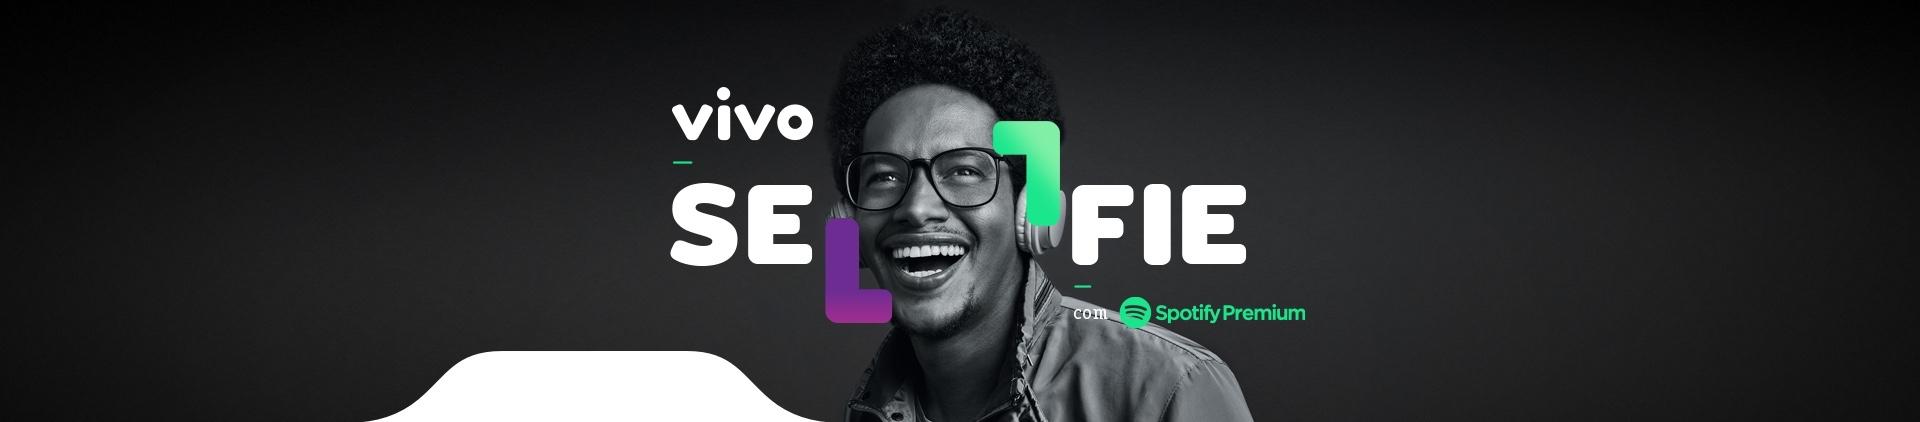 Vivo Selfie agora também oferece Spotify Premium